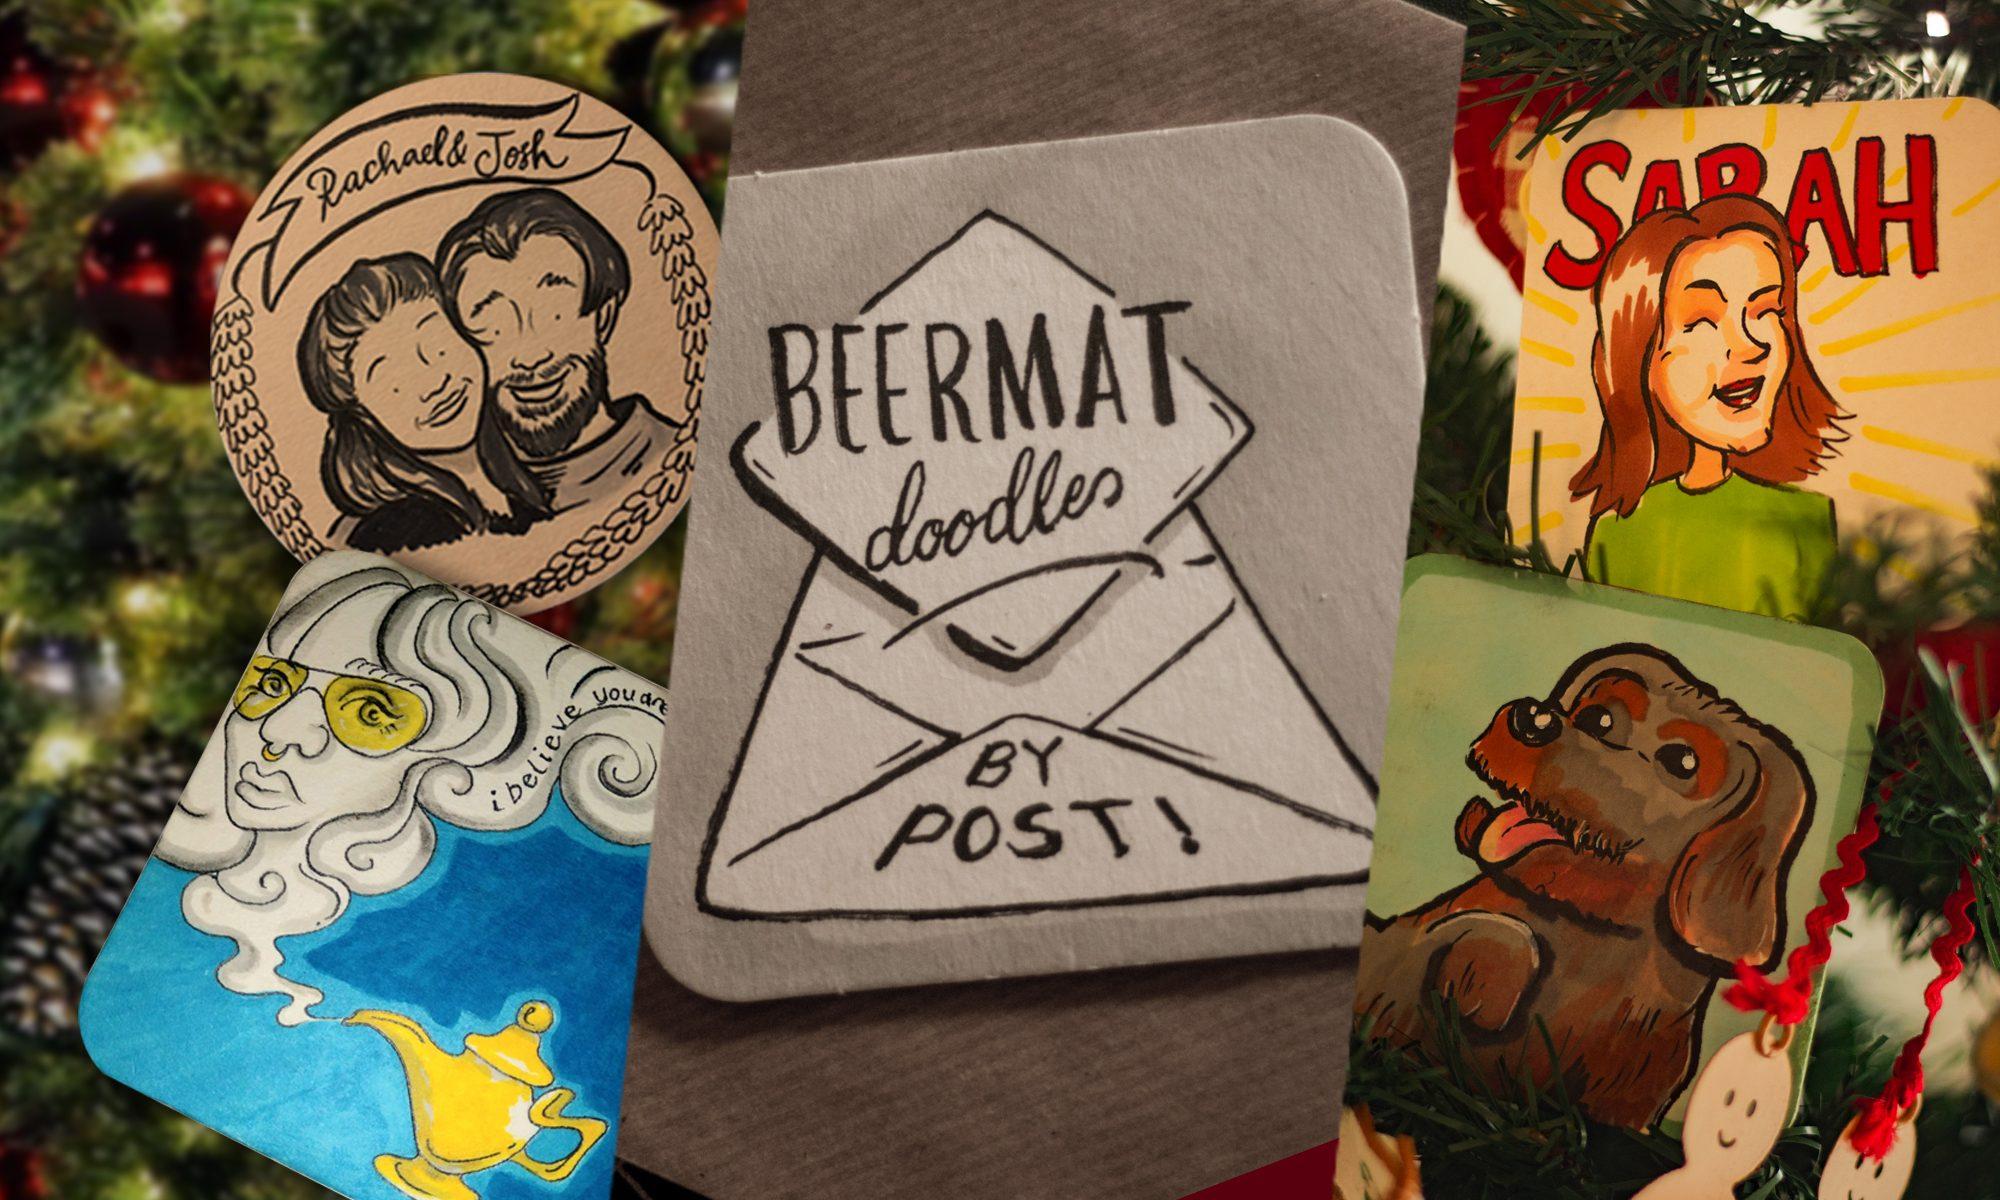 Beermat Doodles